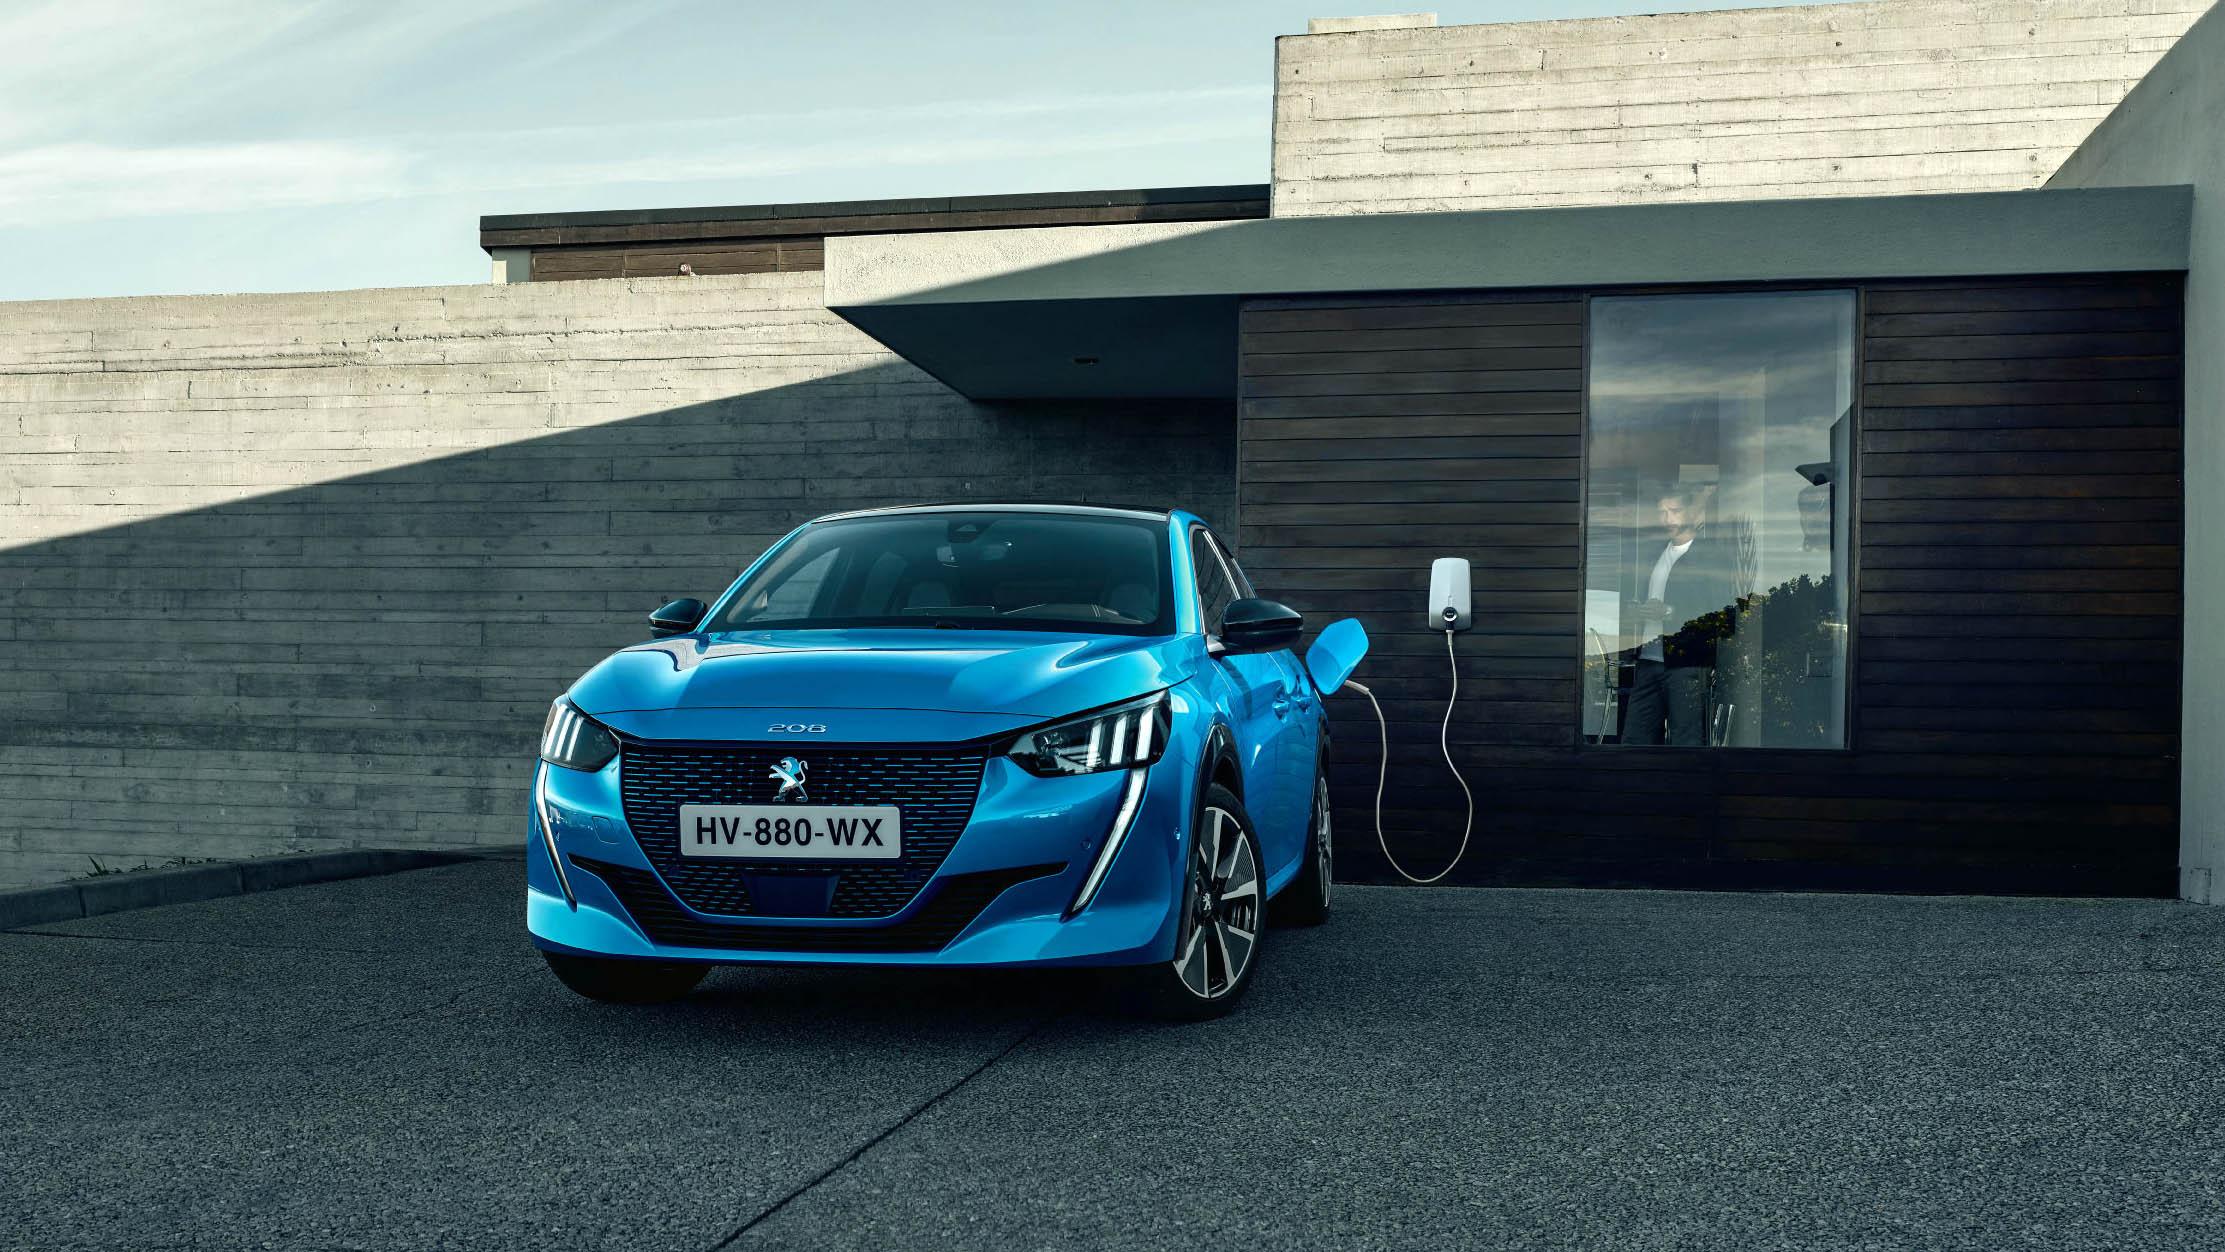 H Peugeot οδηγεί τις πωλήσεις των ηλεκτρικών αυτοκινήτων